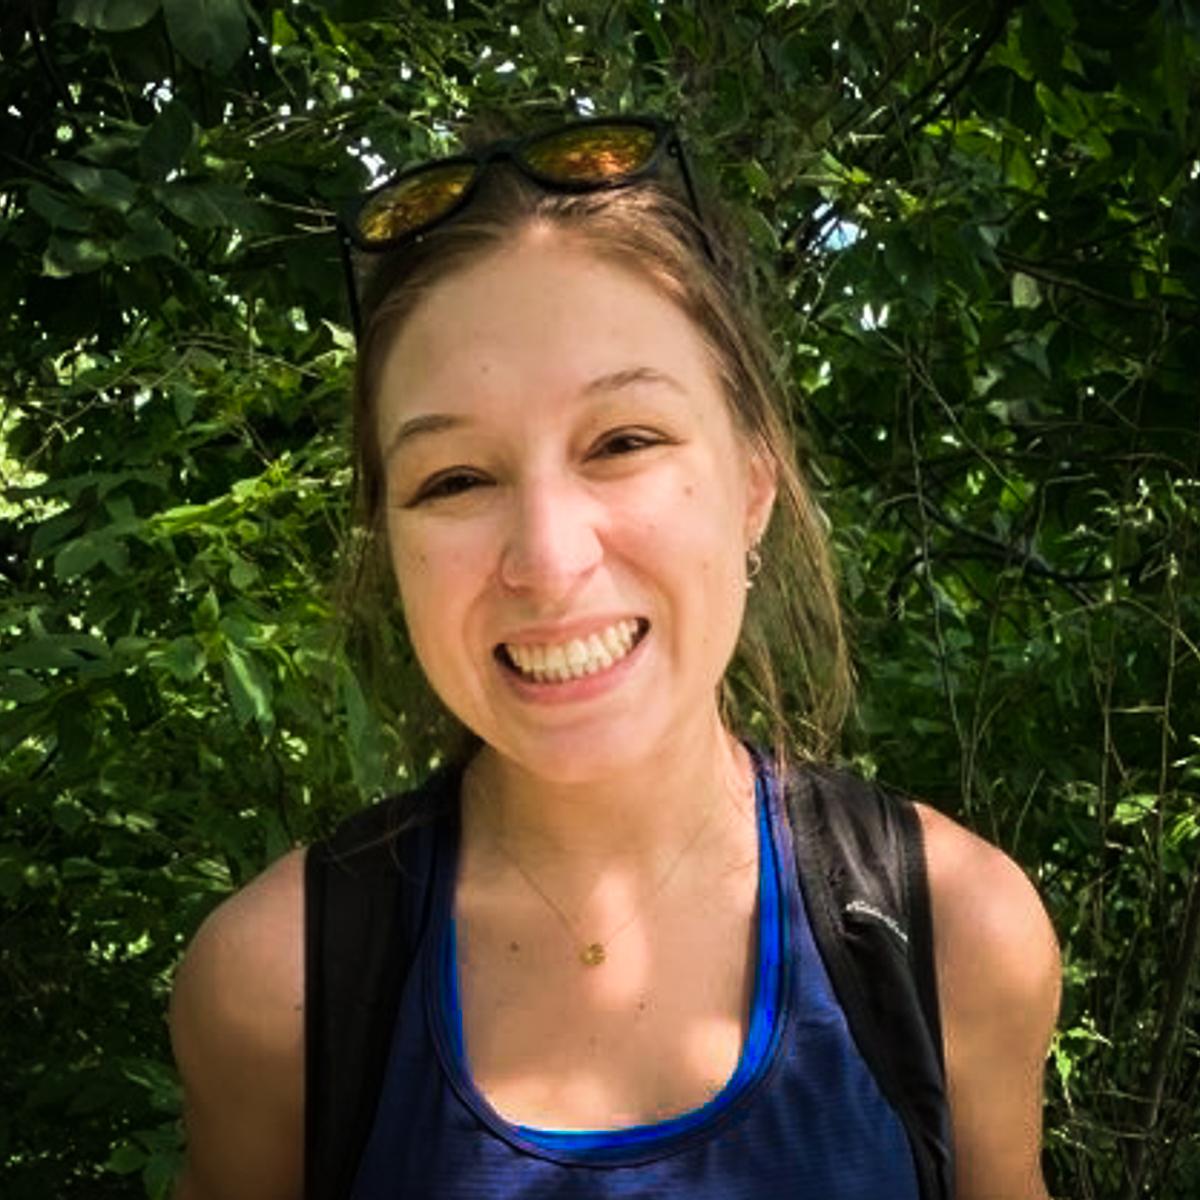 Sara Wilson outdoors near trees.